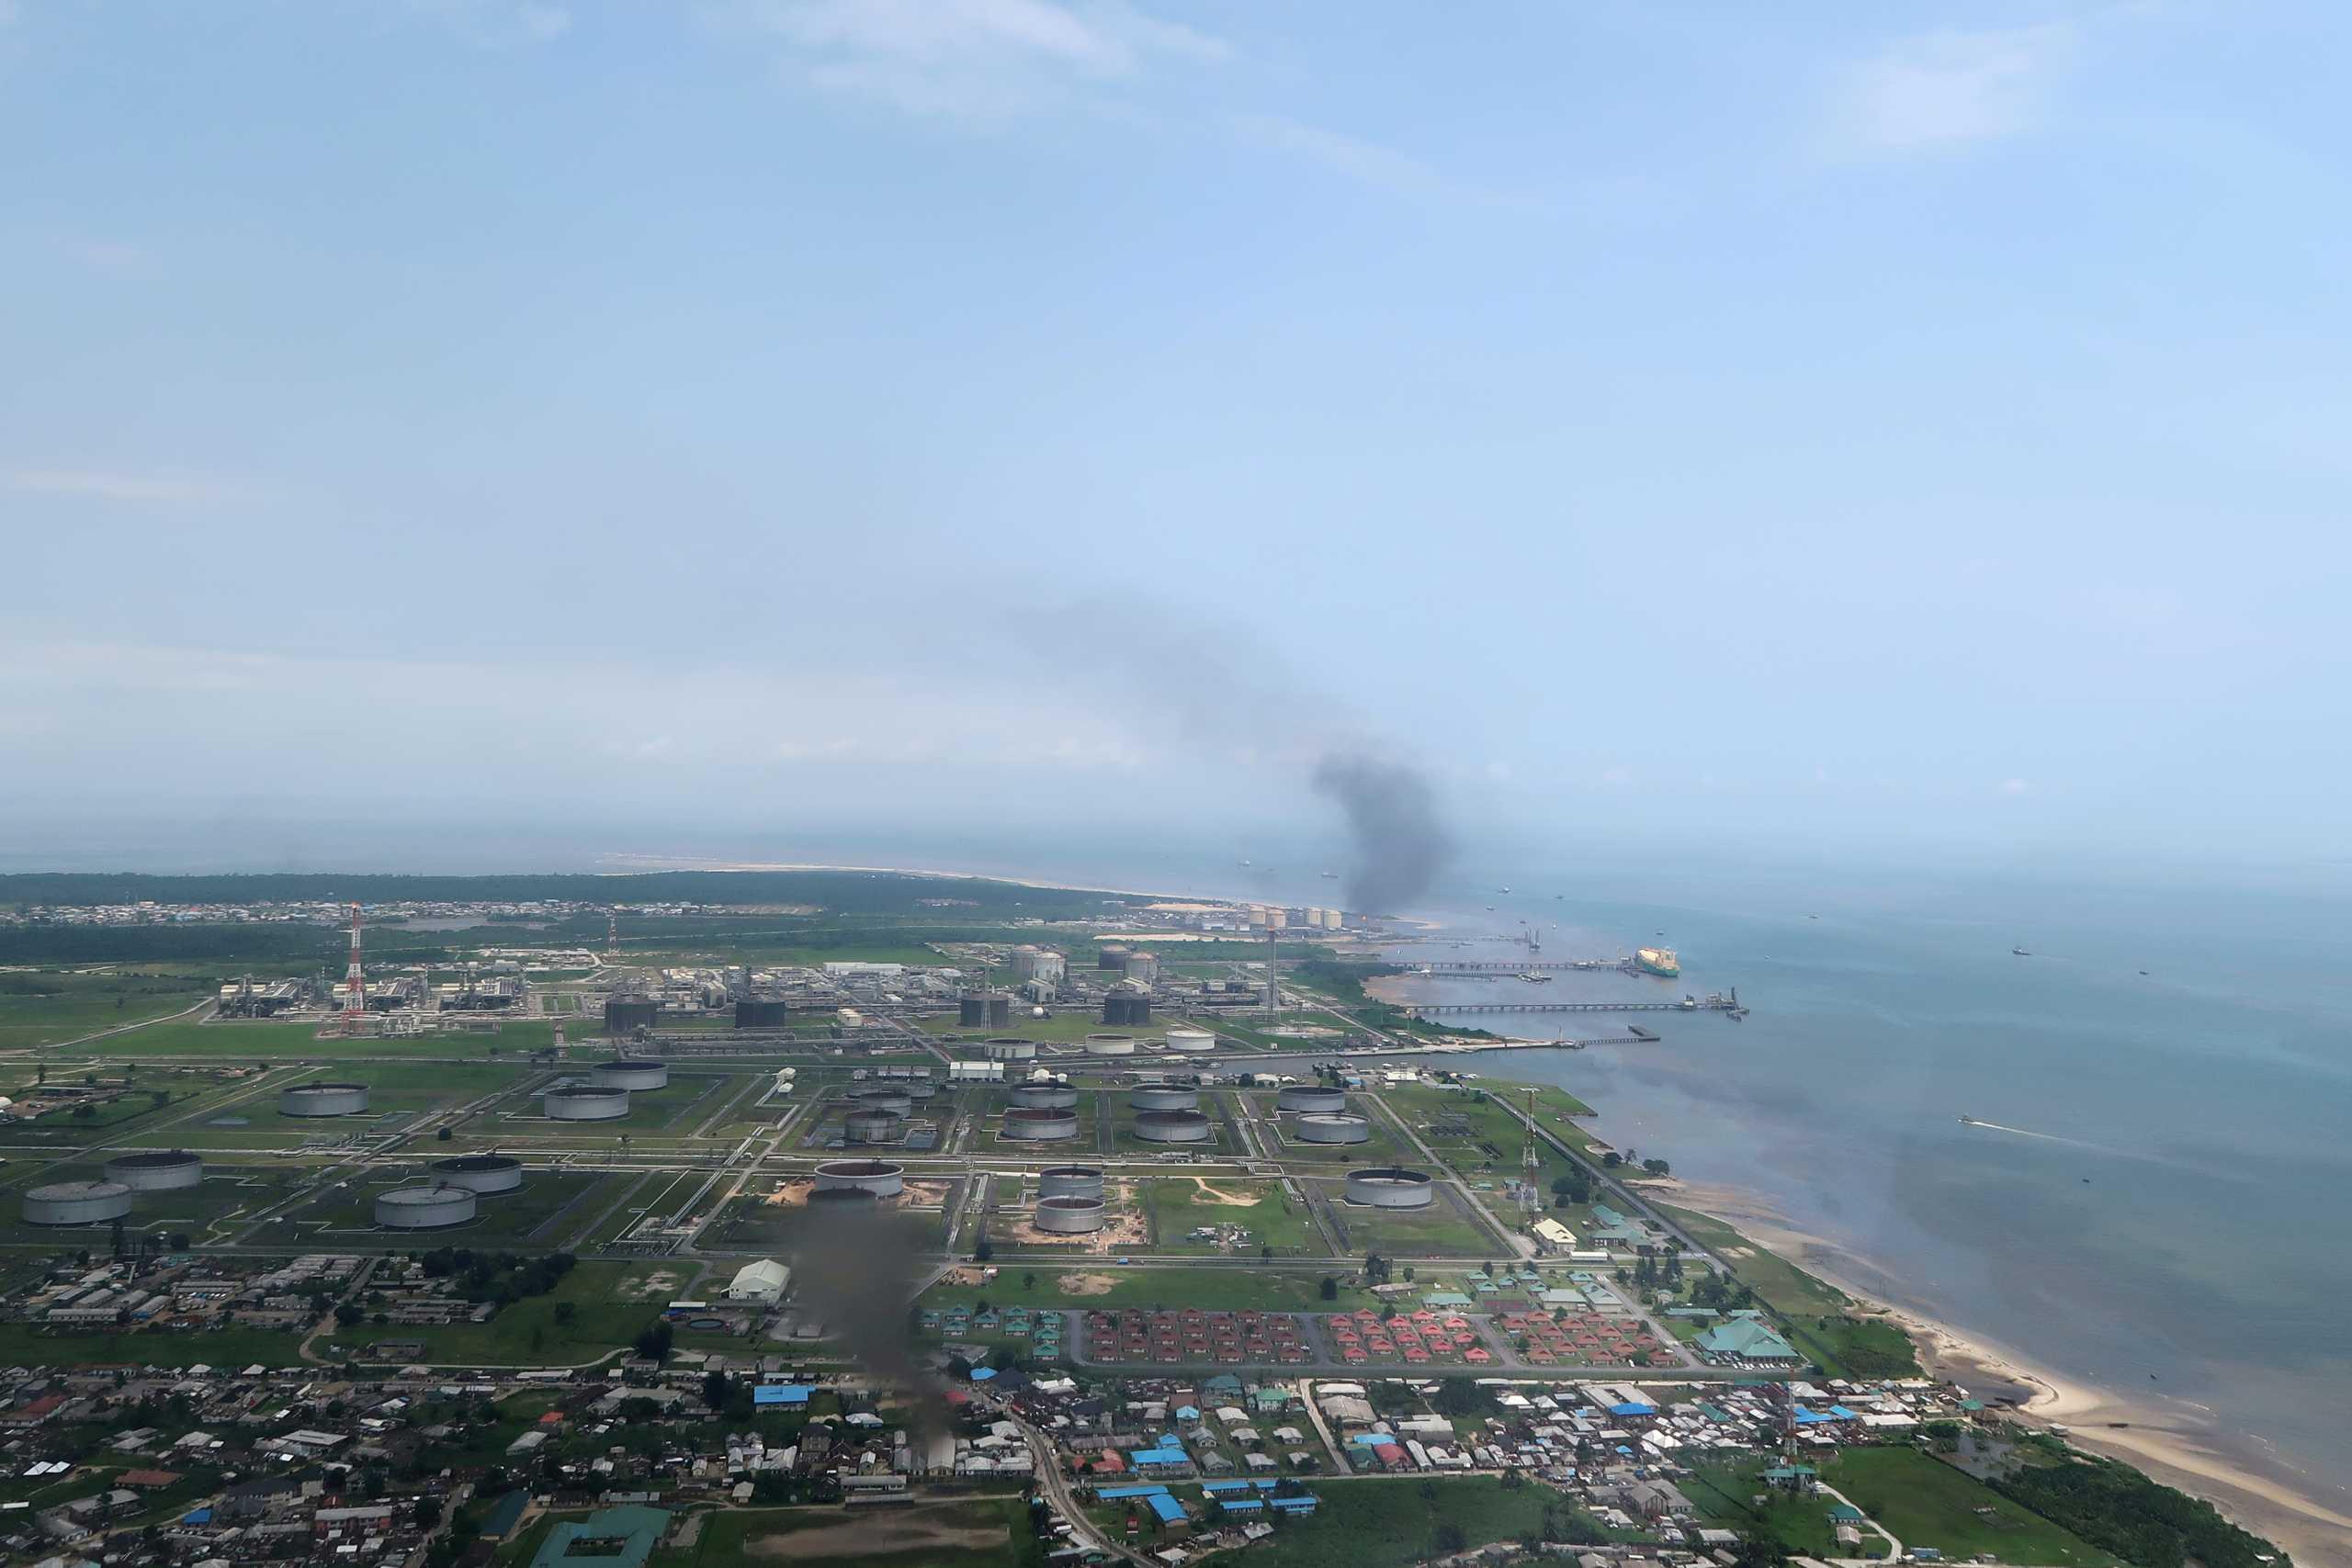 Τραγωδία στη Νιγηρία: 12 νεκροί από μετά από ανατροπή βυτιοφόρου – Κάηκαν 50 σπίτια και μαγαζιά